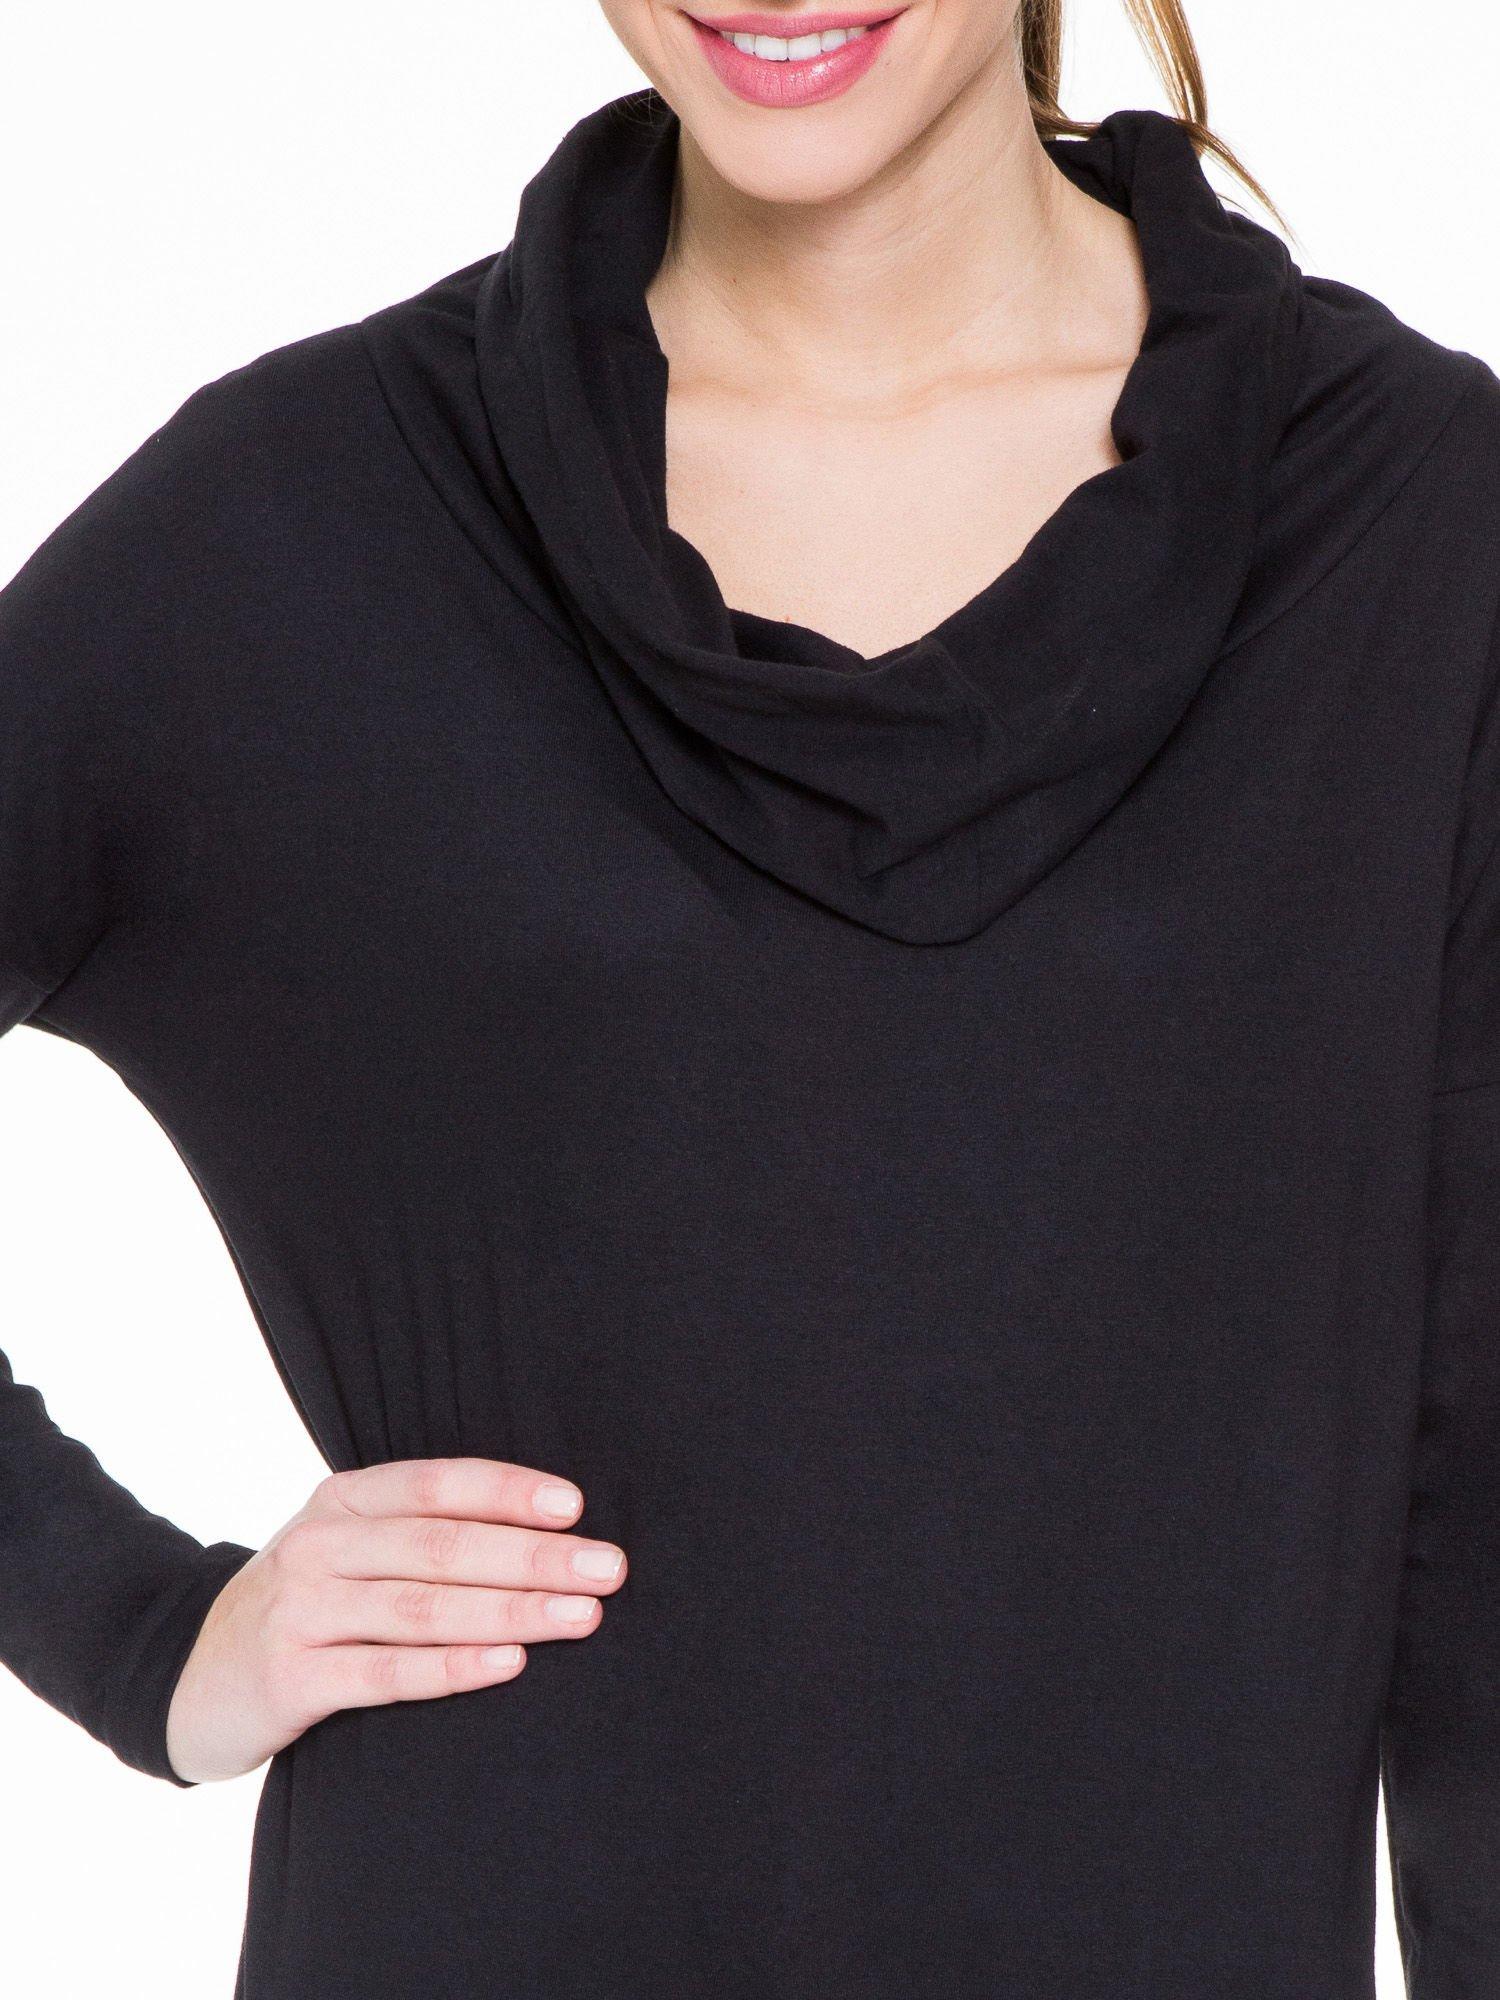 Czarna bluzka dresowa z kołnierzokapturem i ściągaczem na dole                                  zdj.                                  5